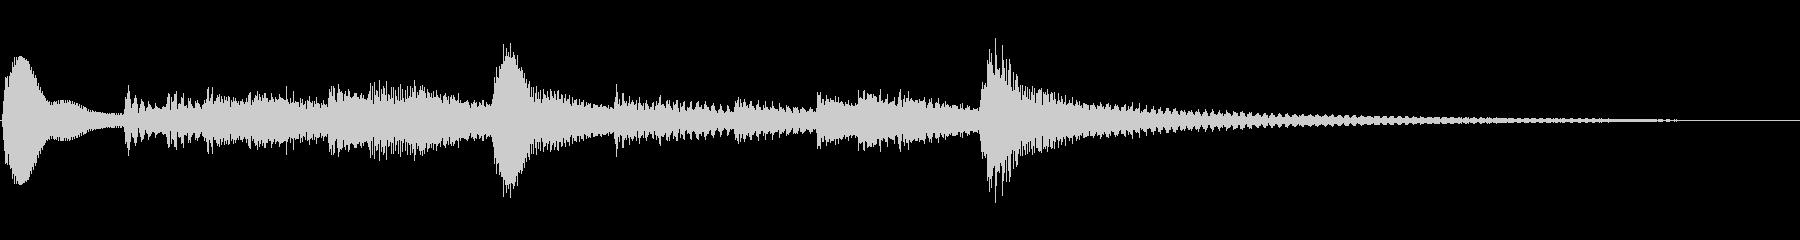 サウンドロゴ・ジングル・アコギ・優しいの未再生の波形